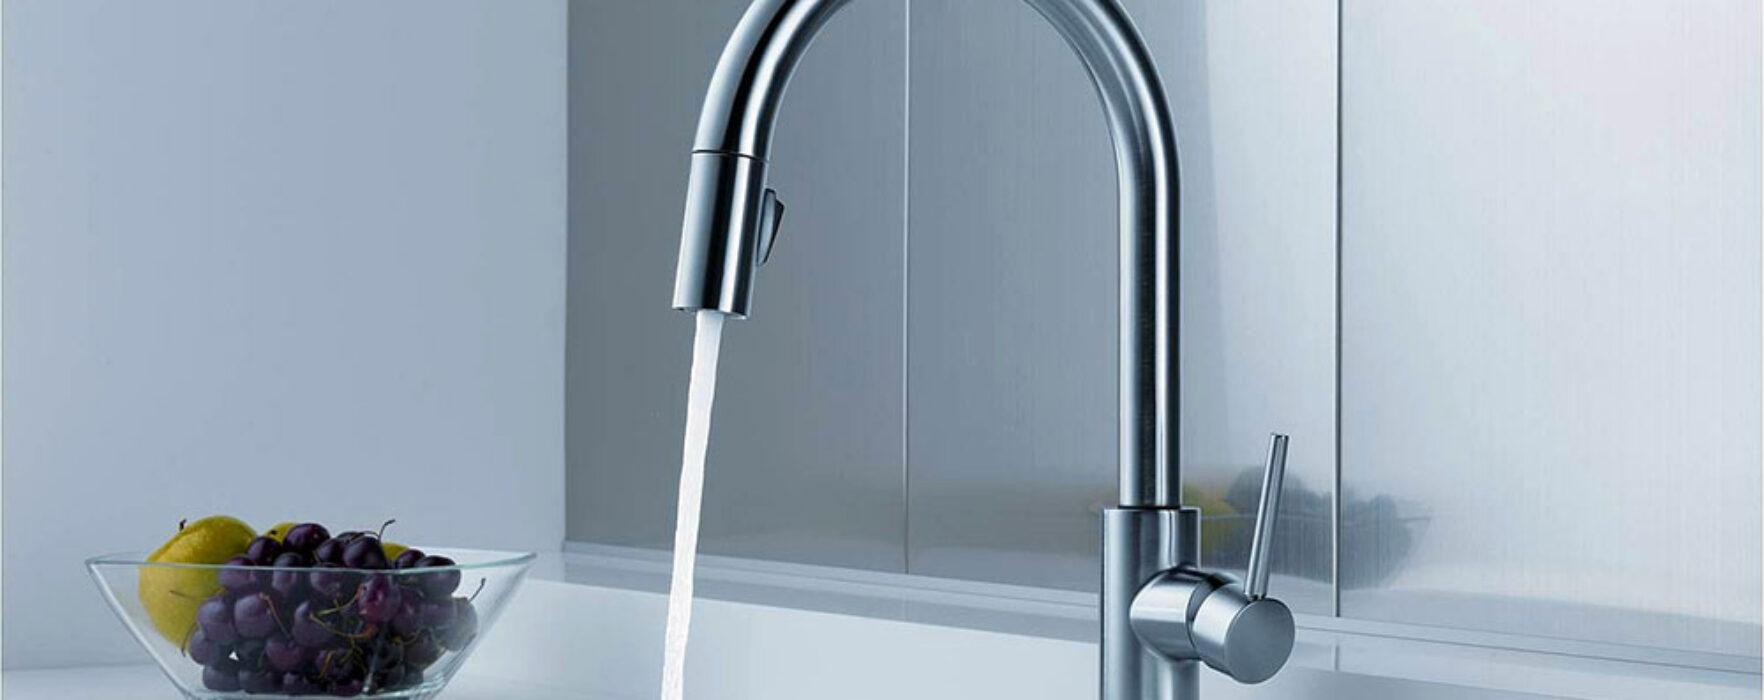 CATD: Avarie la reţeaua de apă din Moreni, furnizarea apei va fi reluată marţi seara